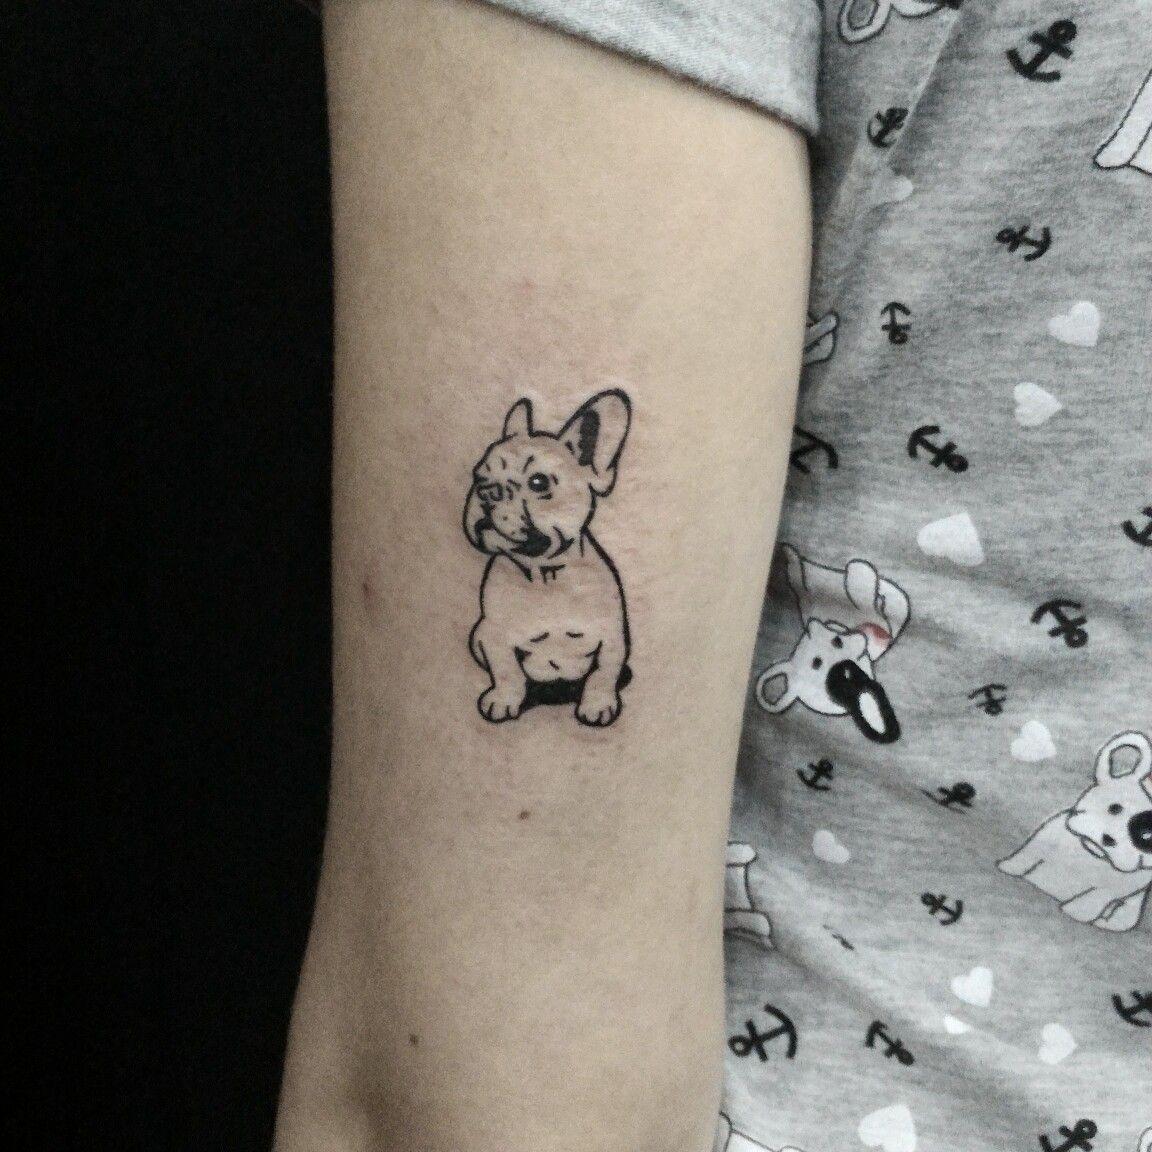 9db936e16 A Cash tattoo!! | Hairstyles | Tattoos, Bulldog tattoo, Pug tattoo